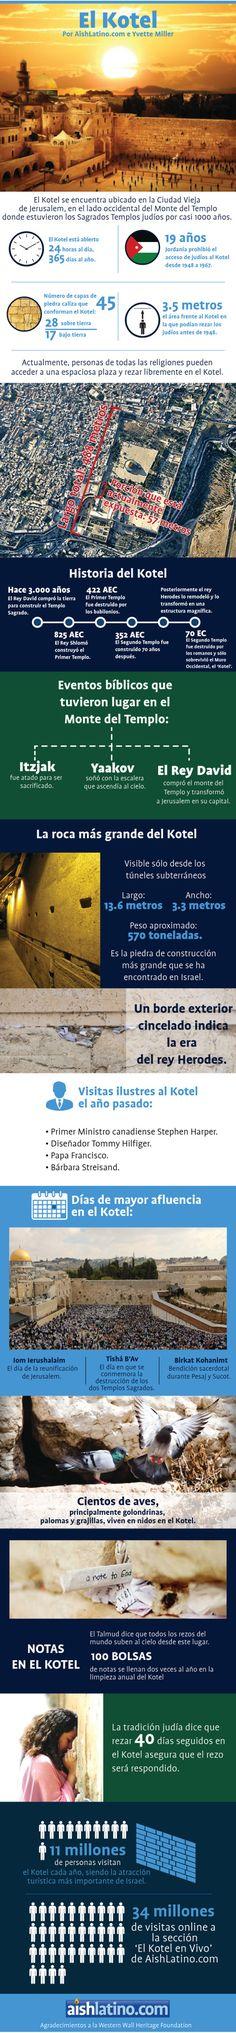 Infografía sobre el Kotel